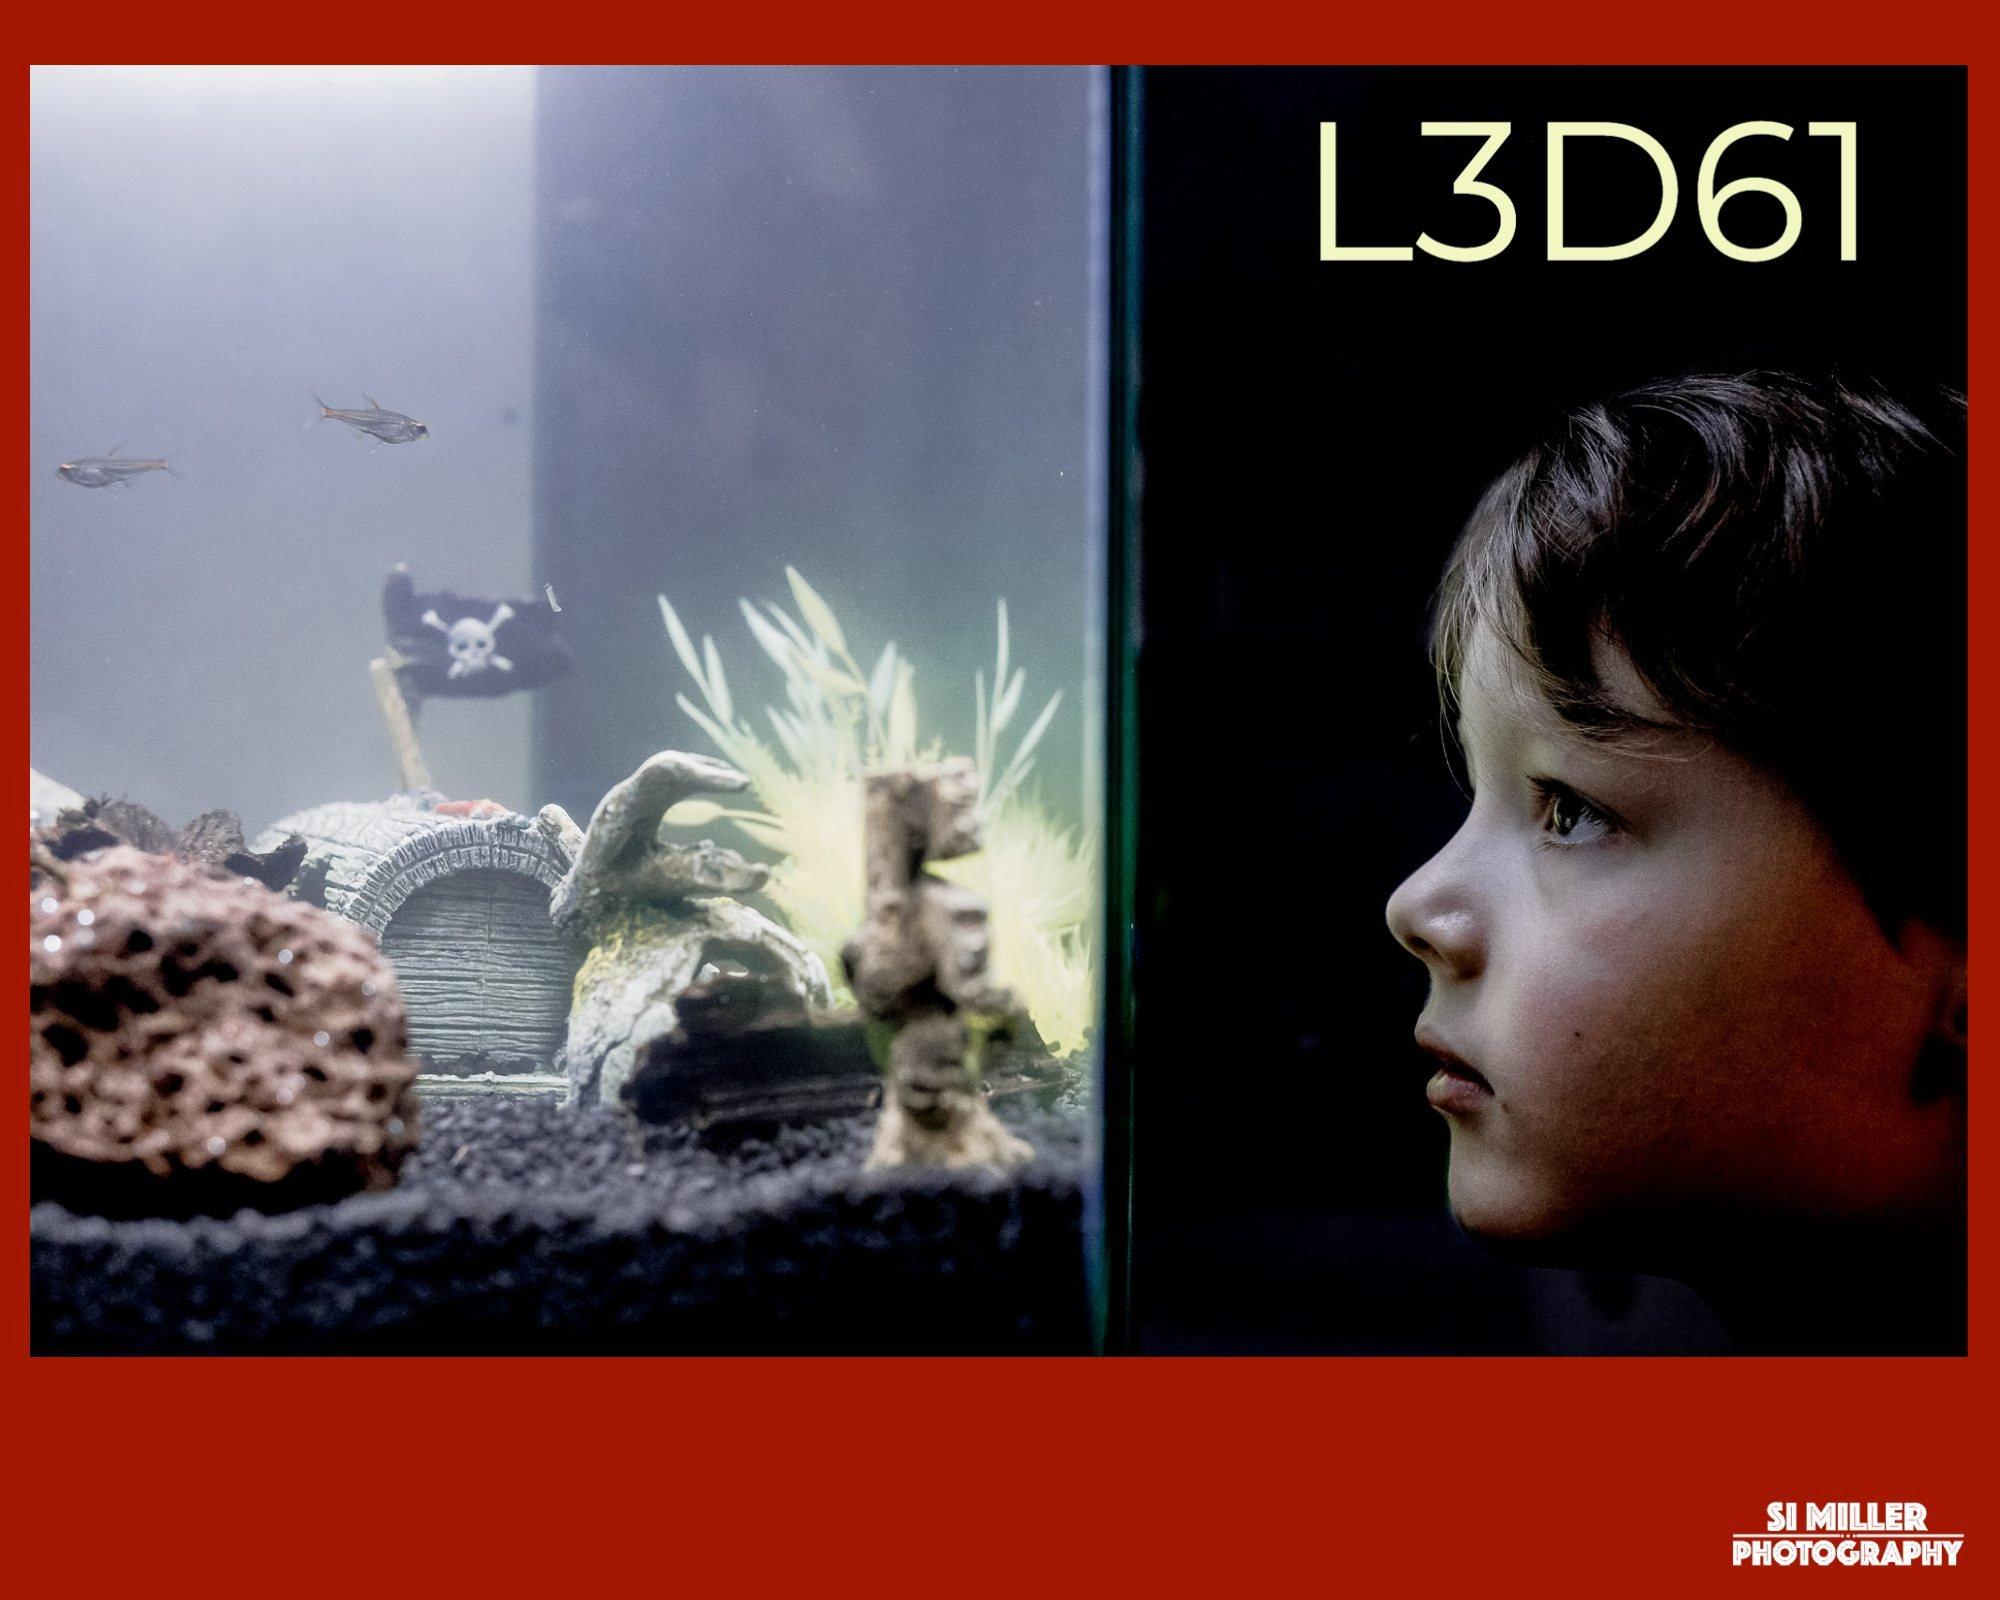 boy looking at fish in fish tank